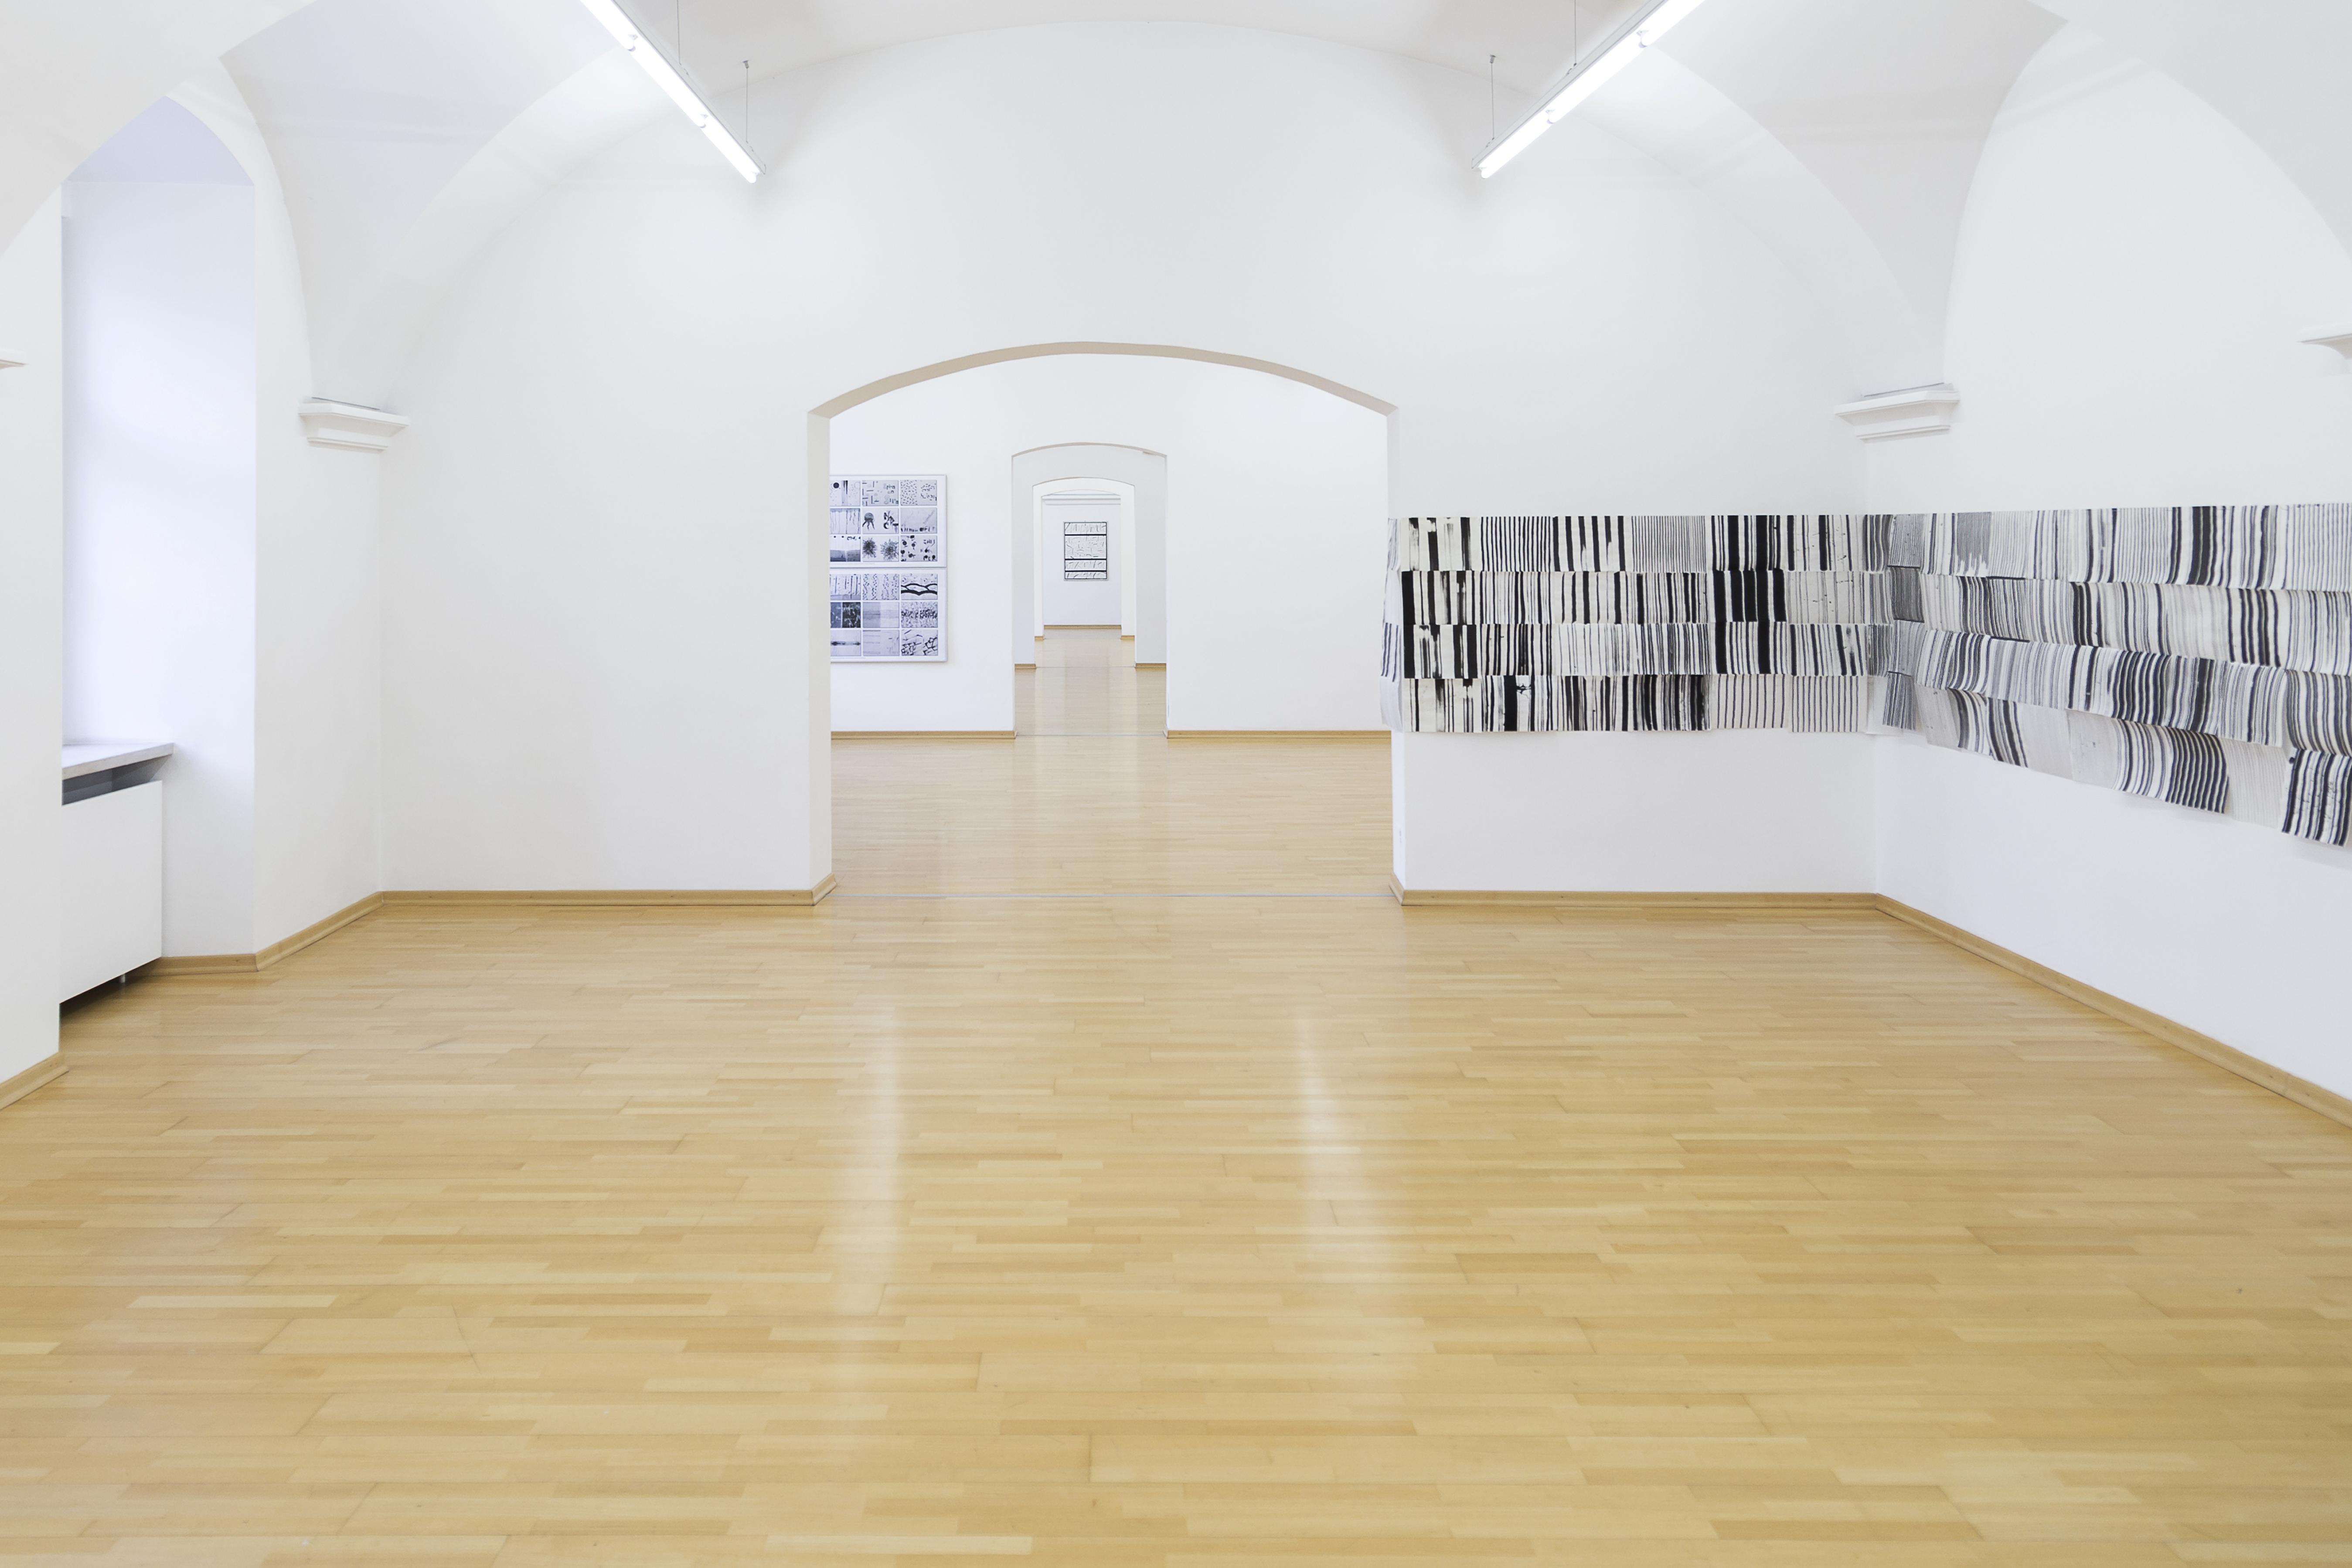 Museum © Niederösterreichisches Dokumentationszentrum für moderne Kunst